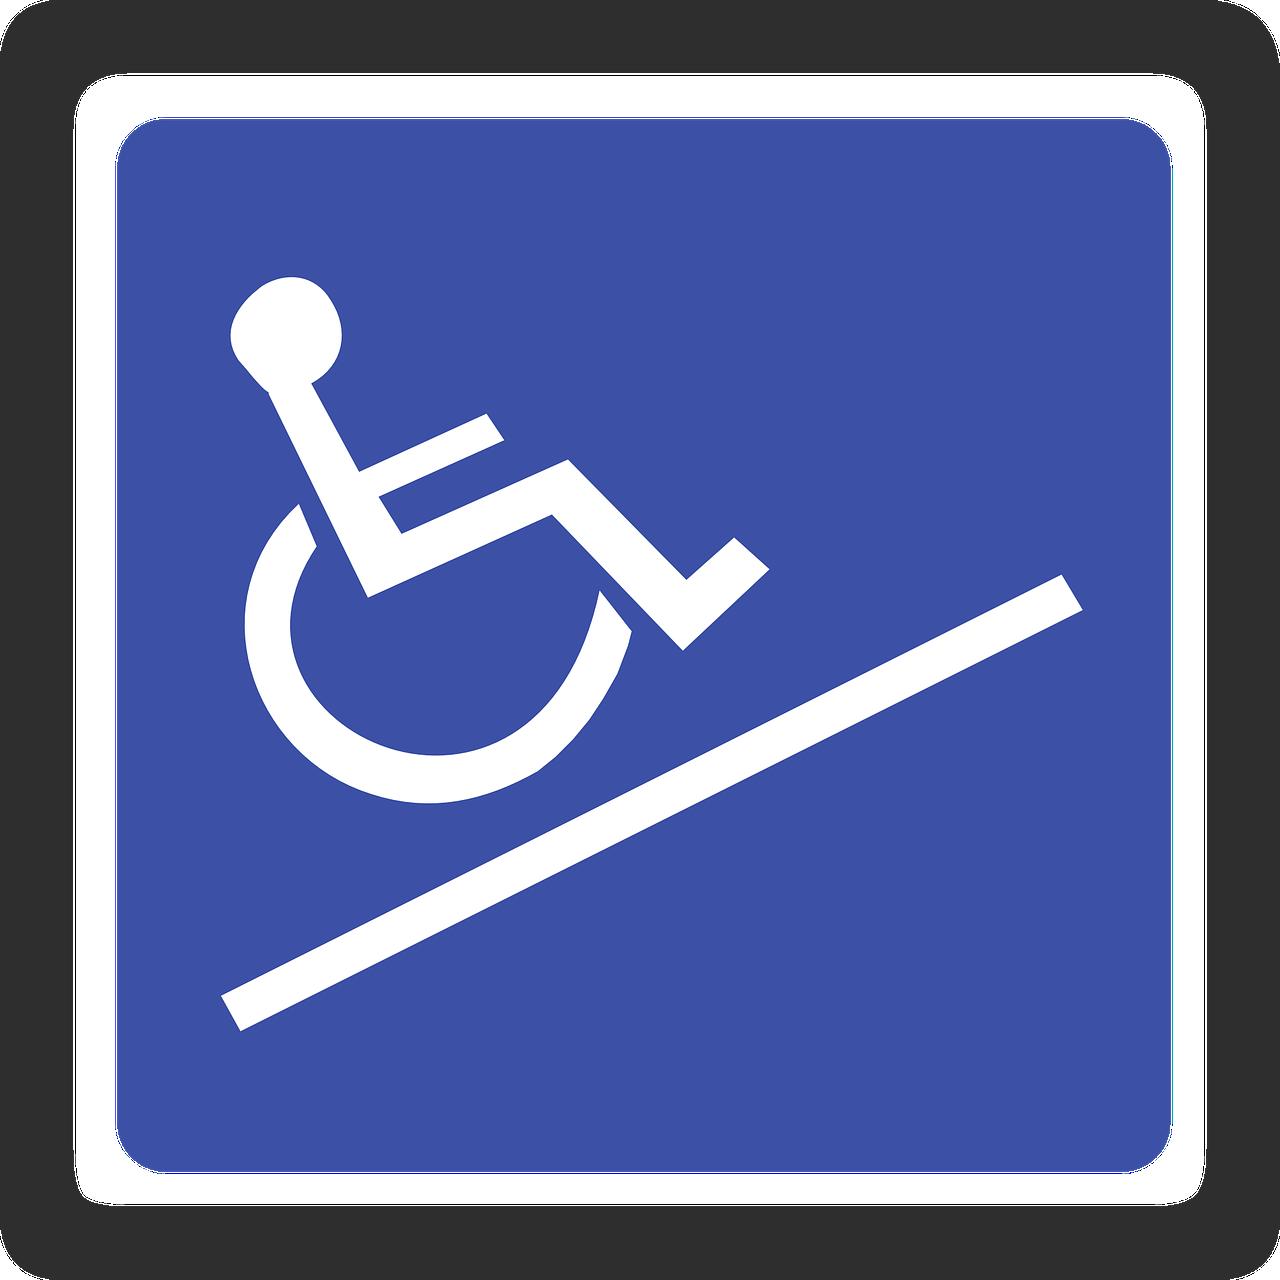 Stichting Voorzieningen voor Verstandelijk en Meervoudig Gehandicapten Zwolle eo (de Kameel) beoordelingen instelling gehandicaptenzorg verstandelijk gehandicapten